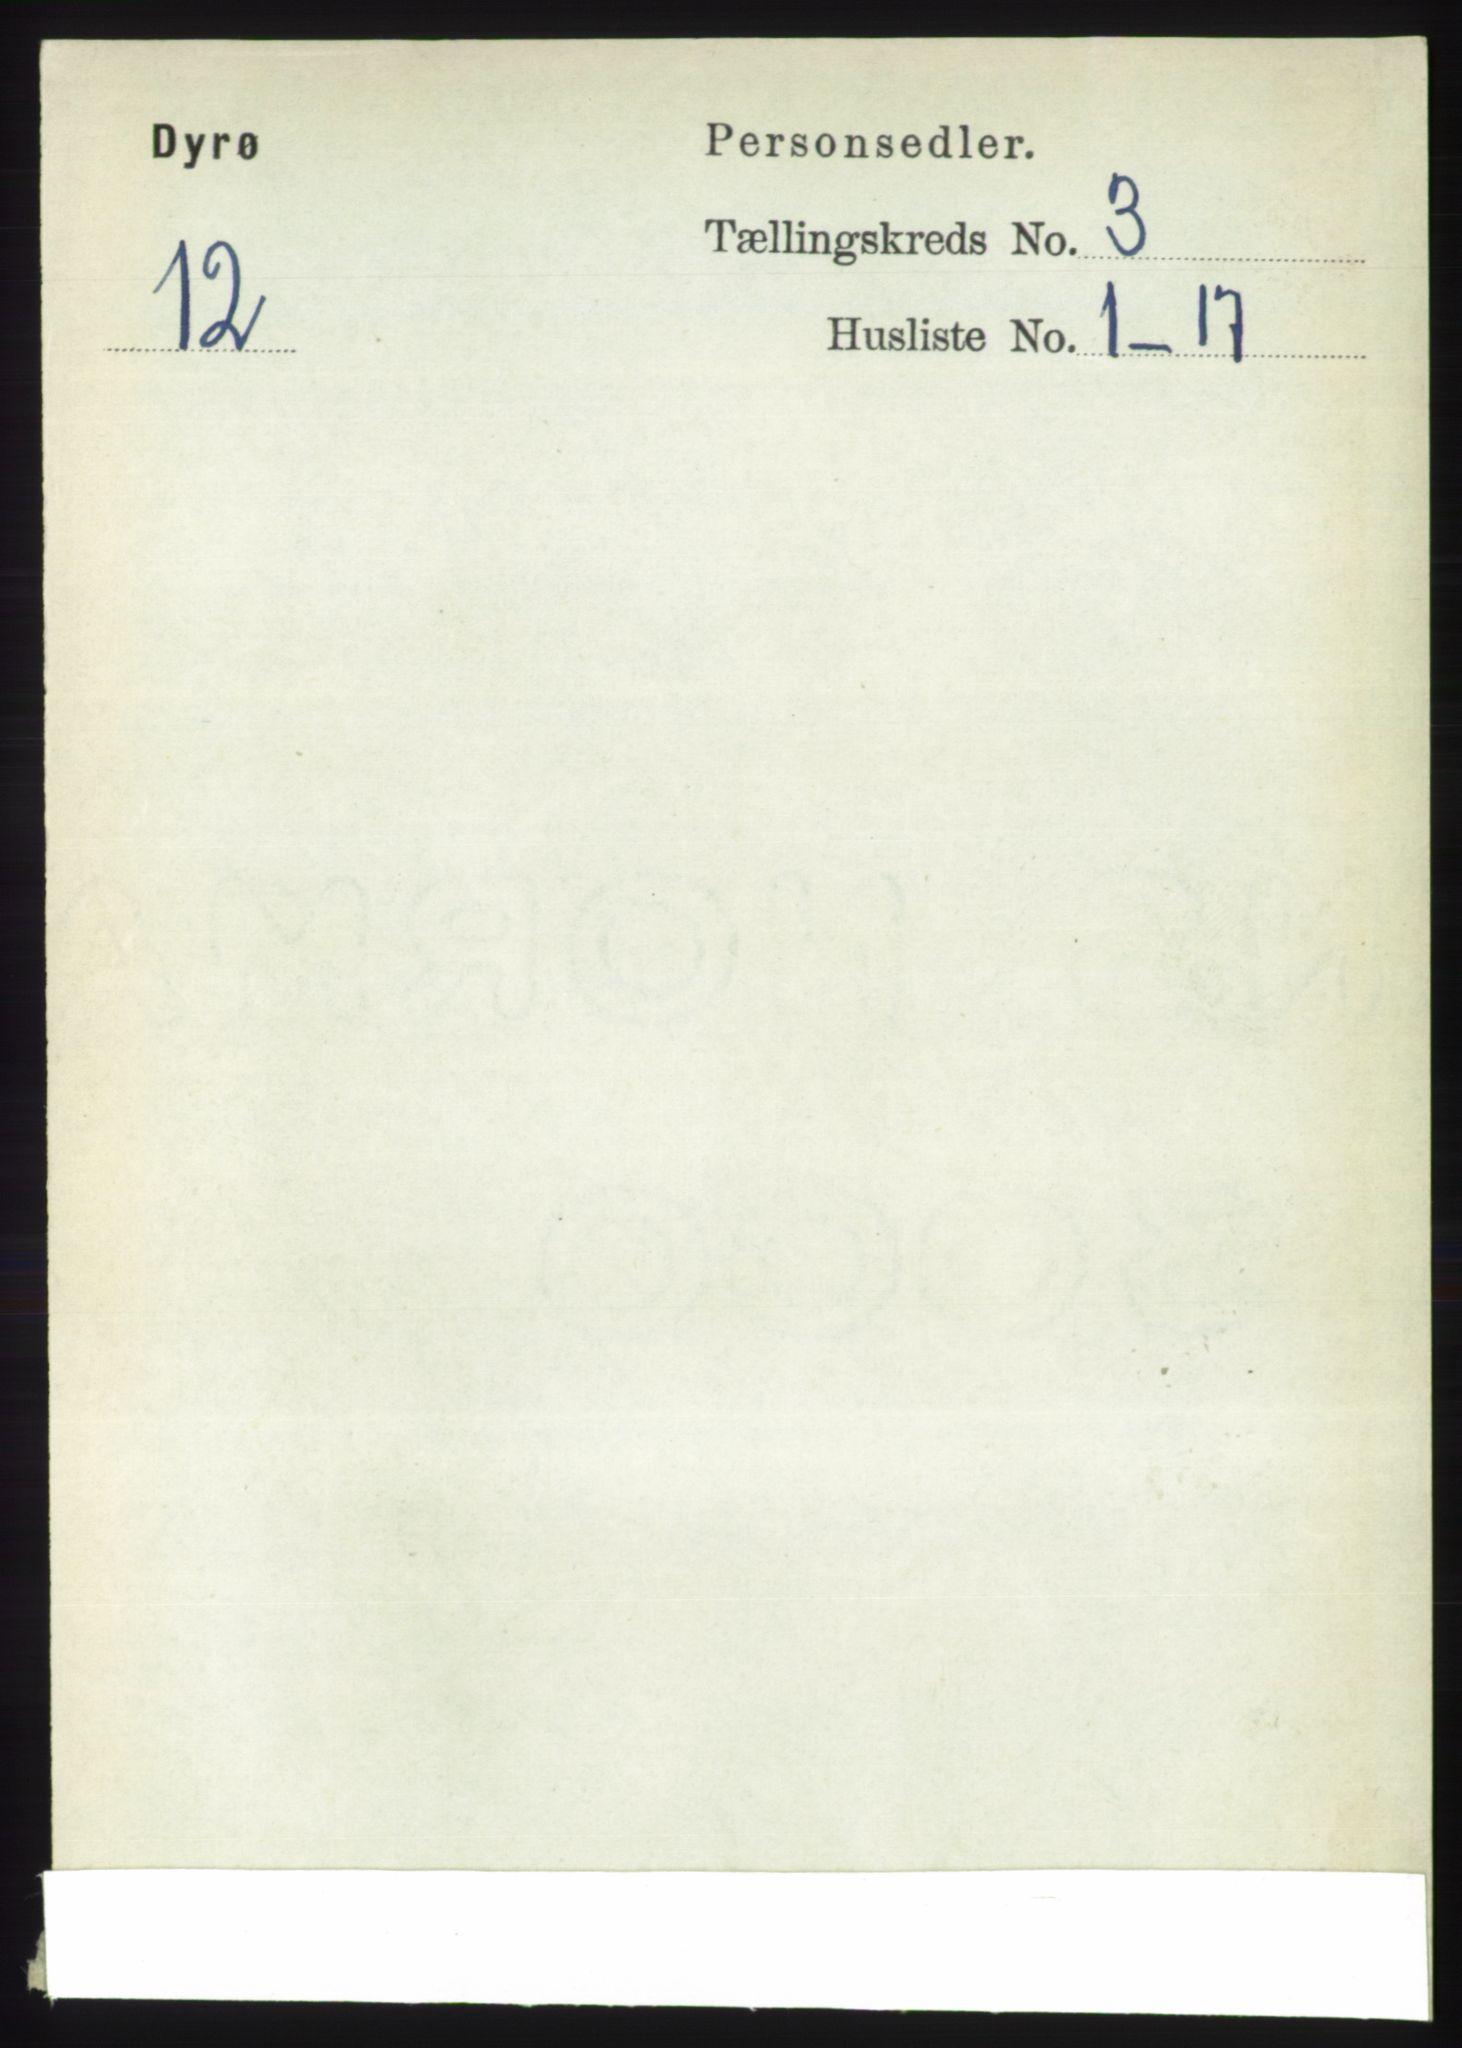 RA, Folketelling 1891 for 1926 Dyrøy herred, 1891, s. 1145